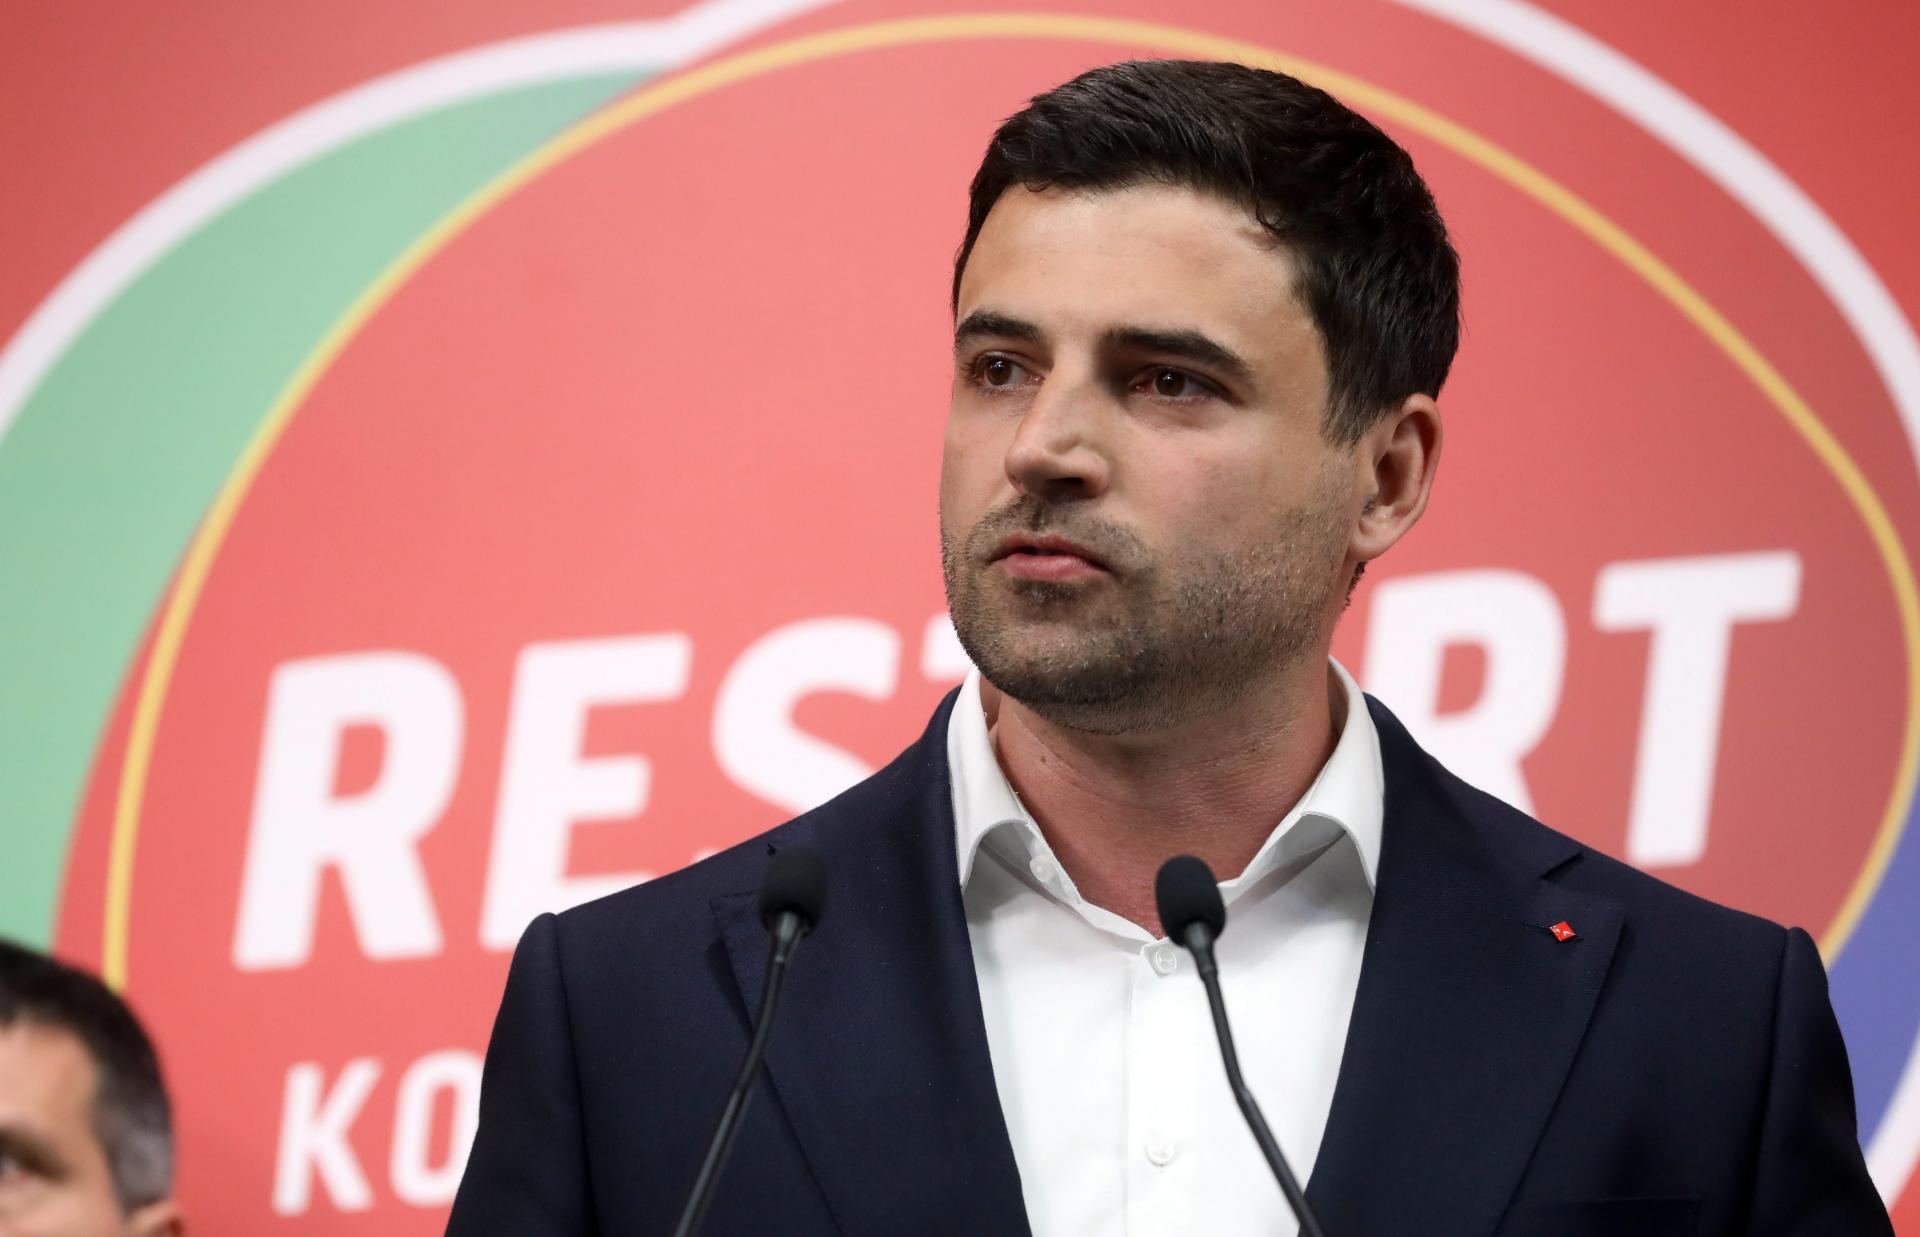 PREUZEO ODGOVORNOST ZA LOŠE REZULTATE: Davor Bernardić se povukao s mjesta predsjednika SDP-a Hrvatske